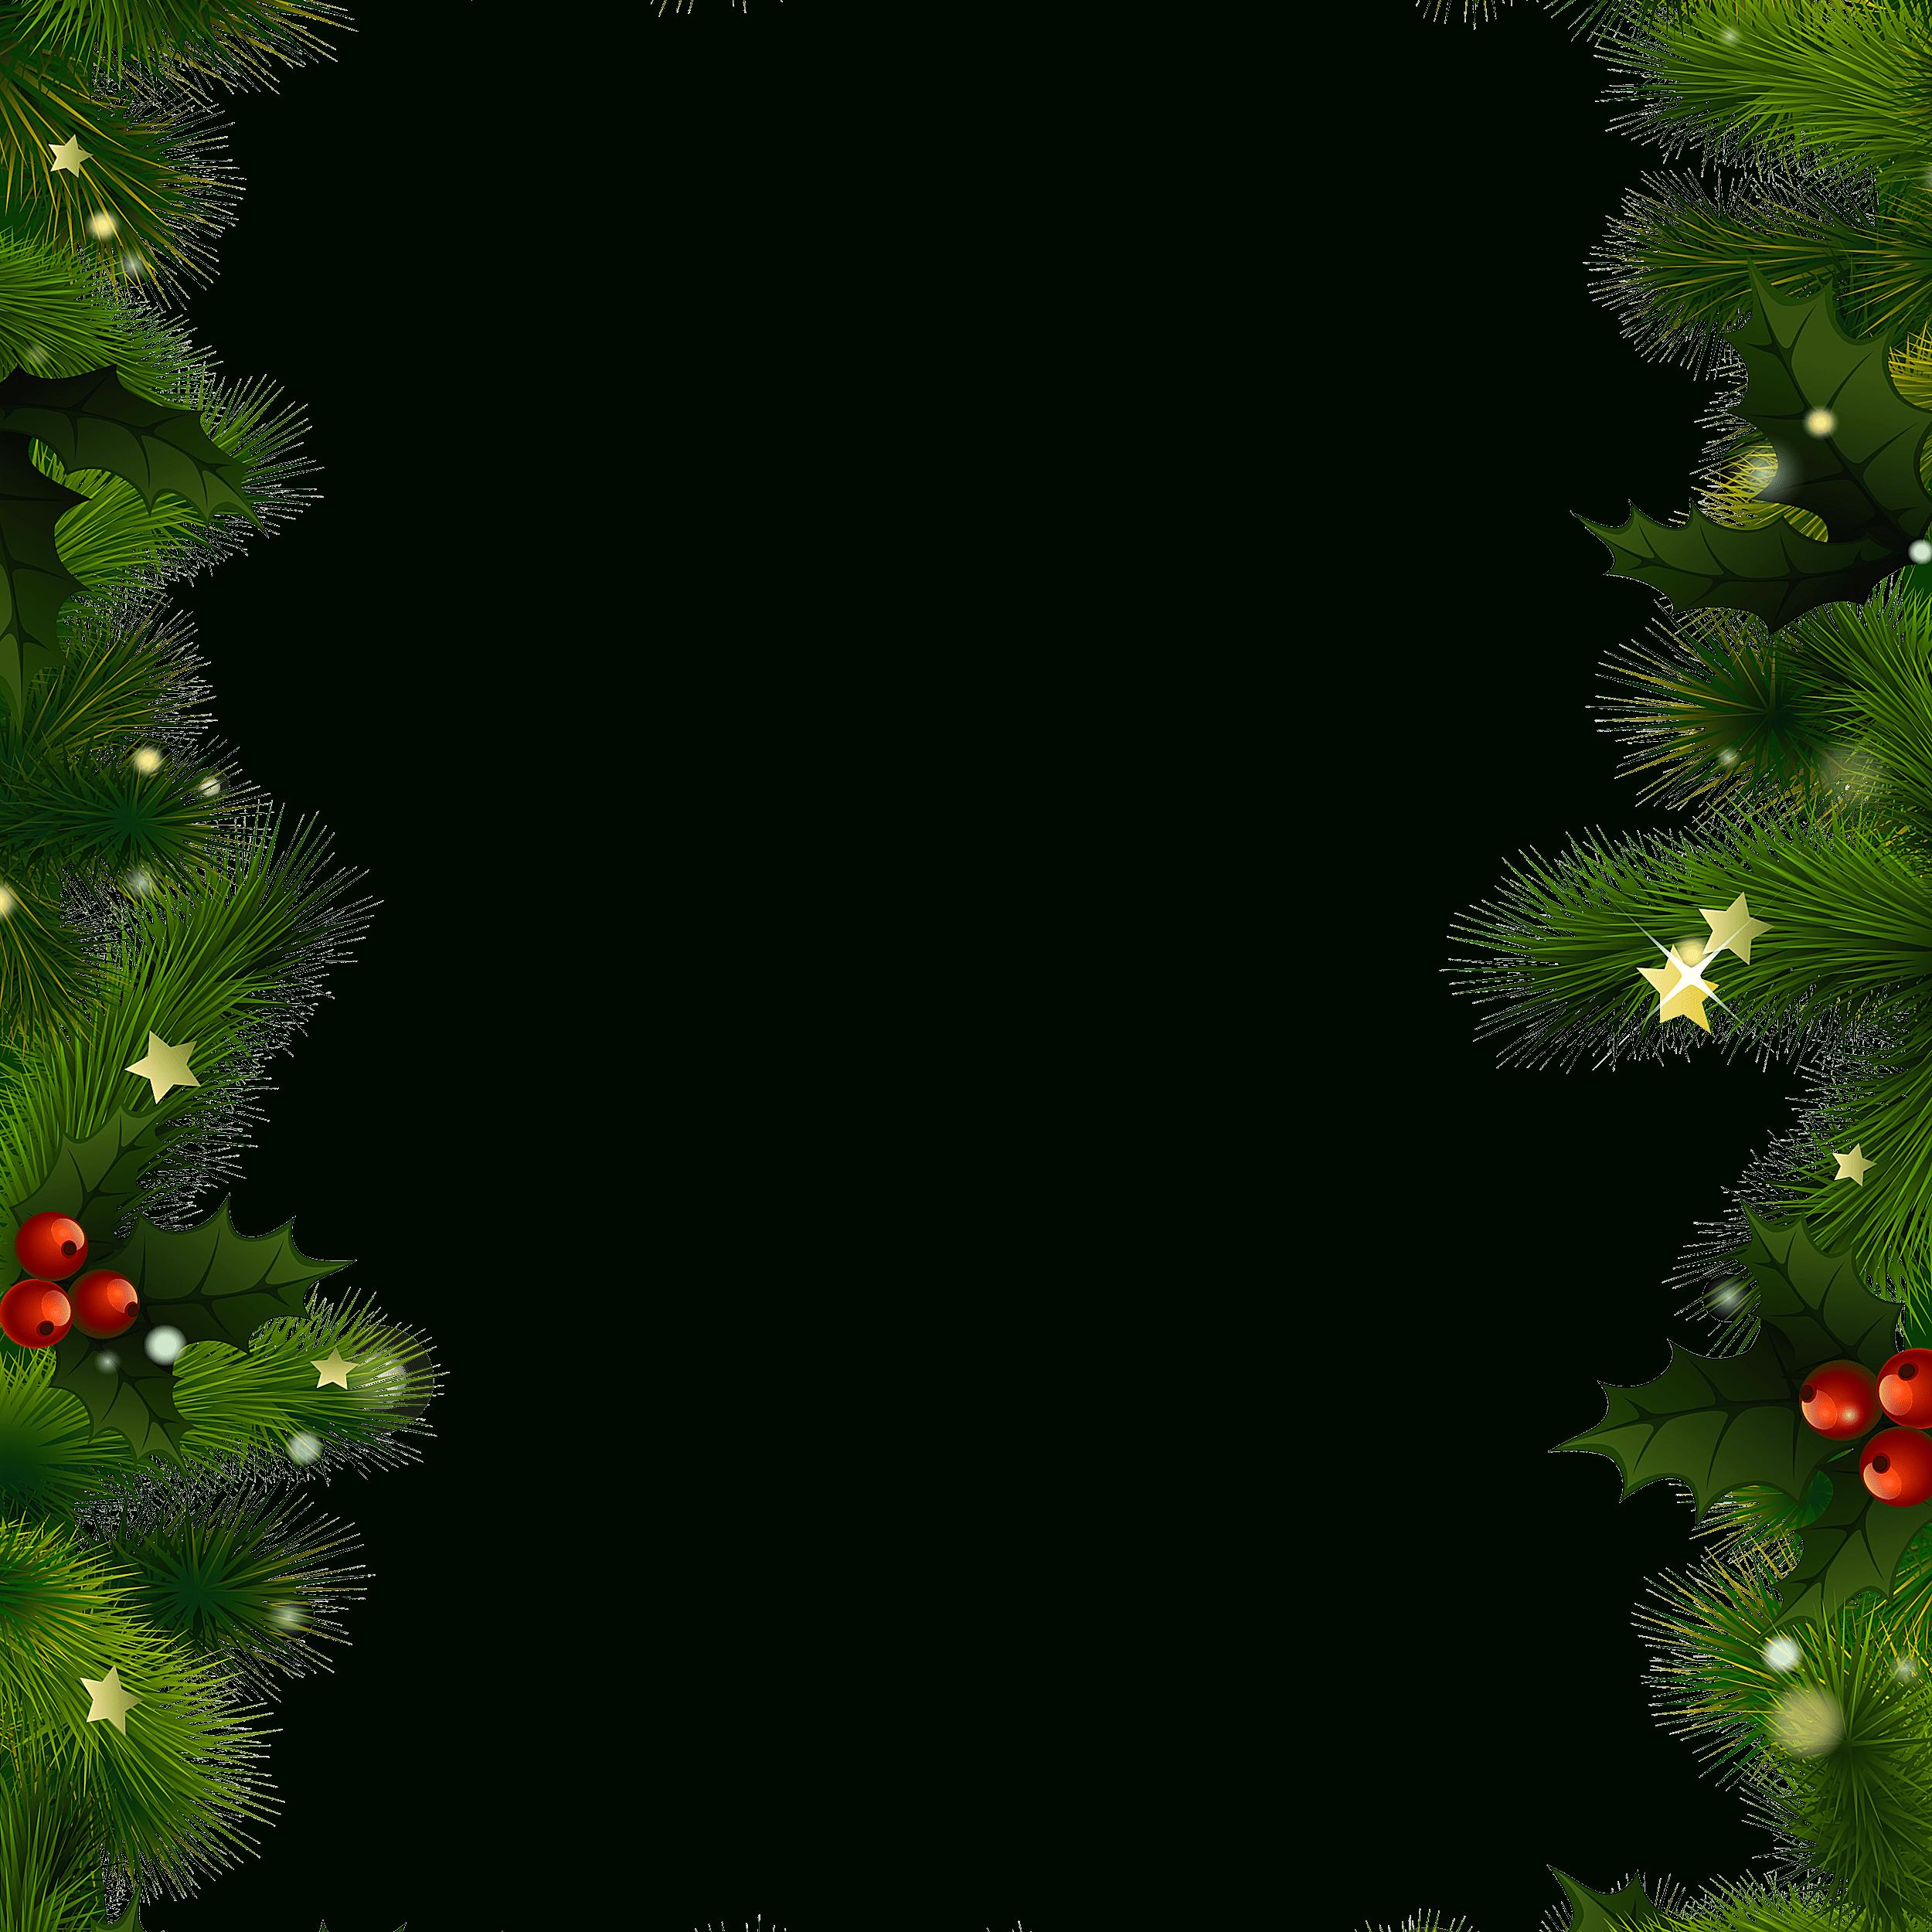 Free Christmas Borders And Frames - Free Printable Christmas Border Paper